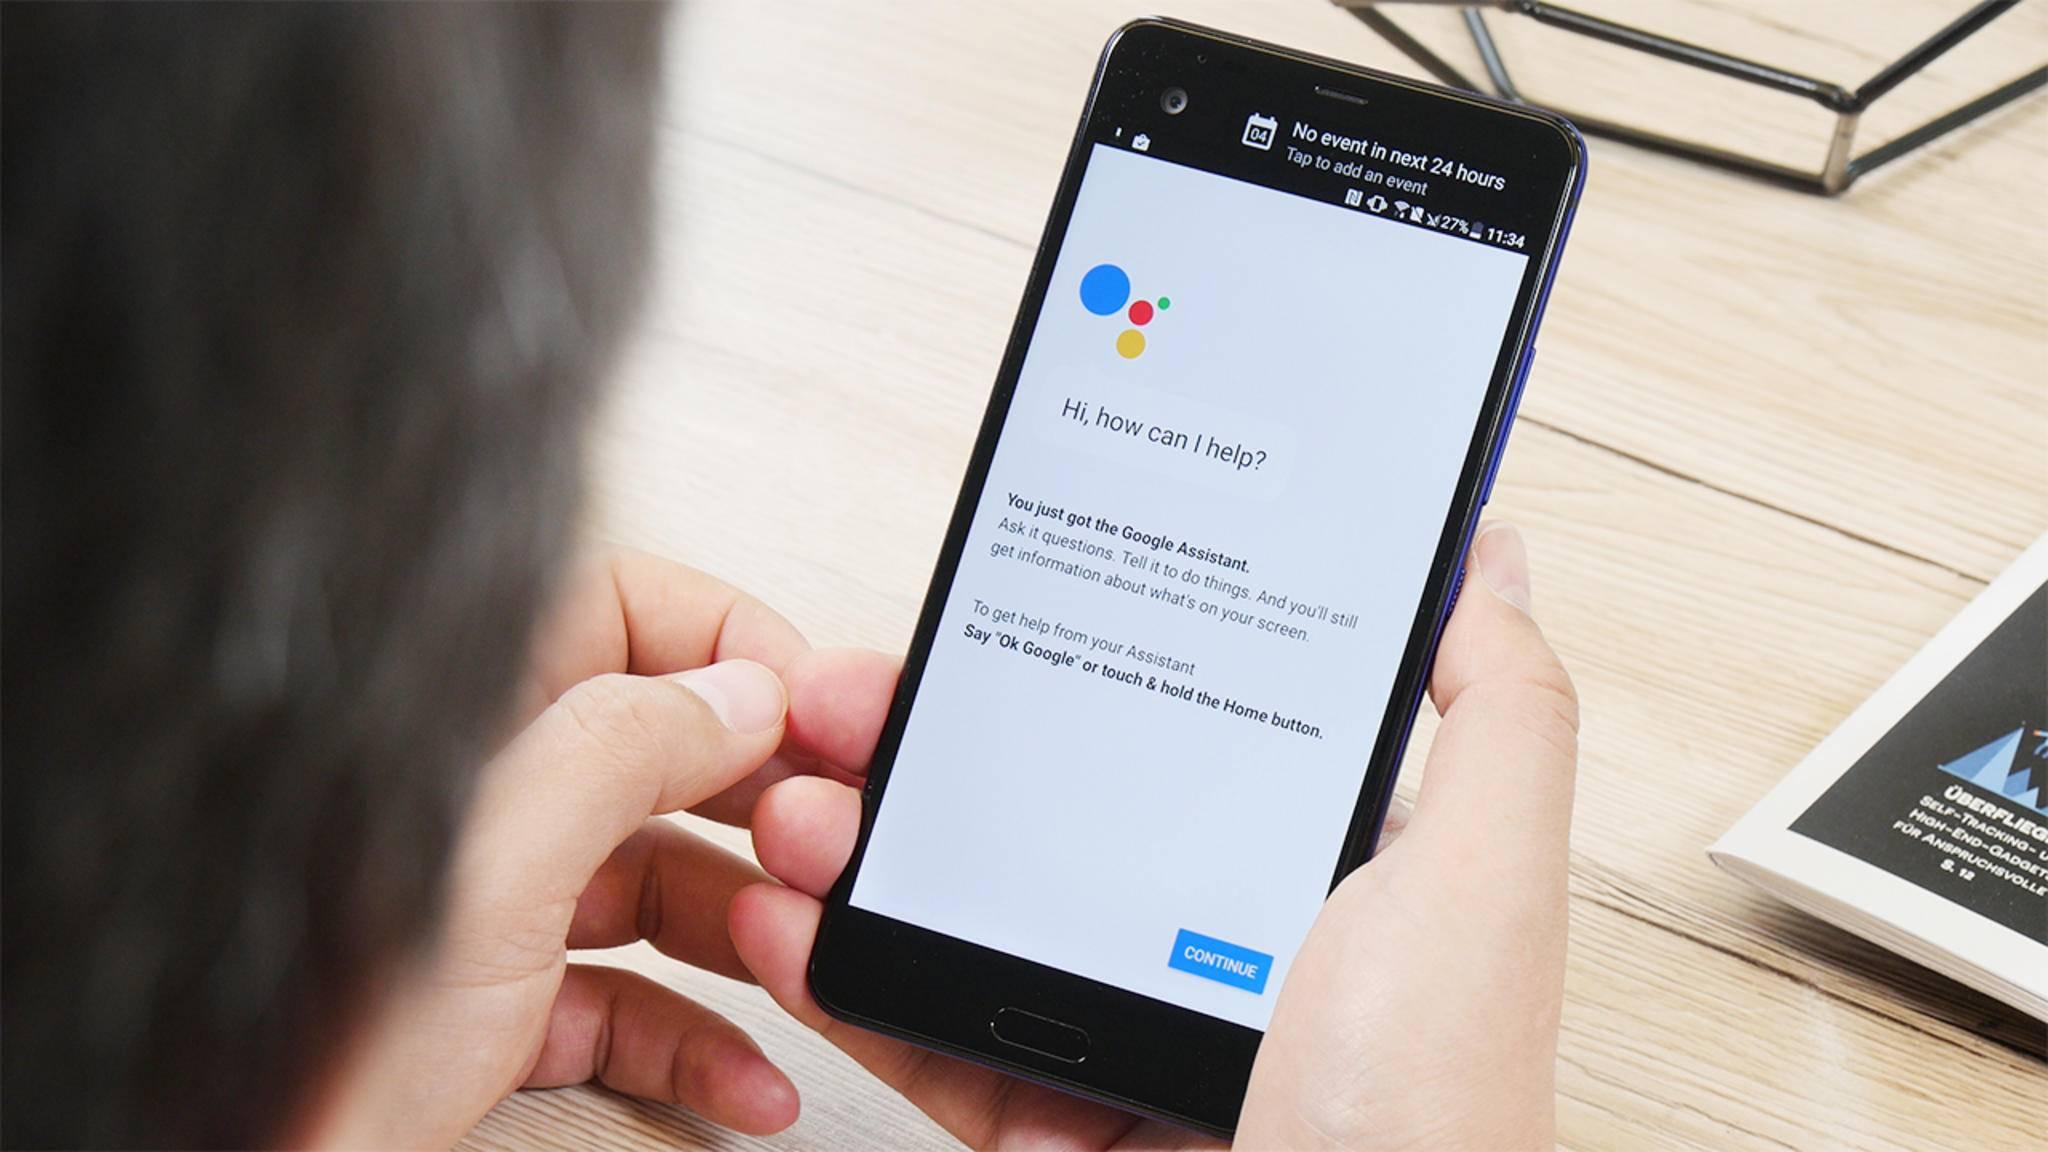 Der Google Assistant wird vermutlich der am weitesten verbreitete Sprachassistent.